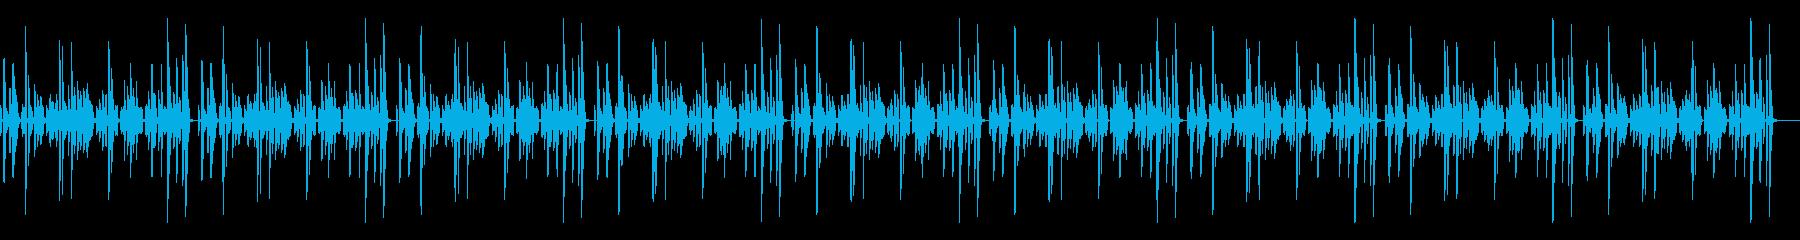 シンプルな作業用のピアノソロBGの再生済みの波形